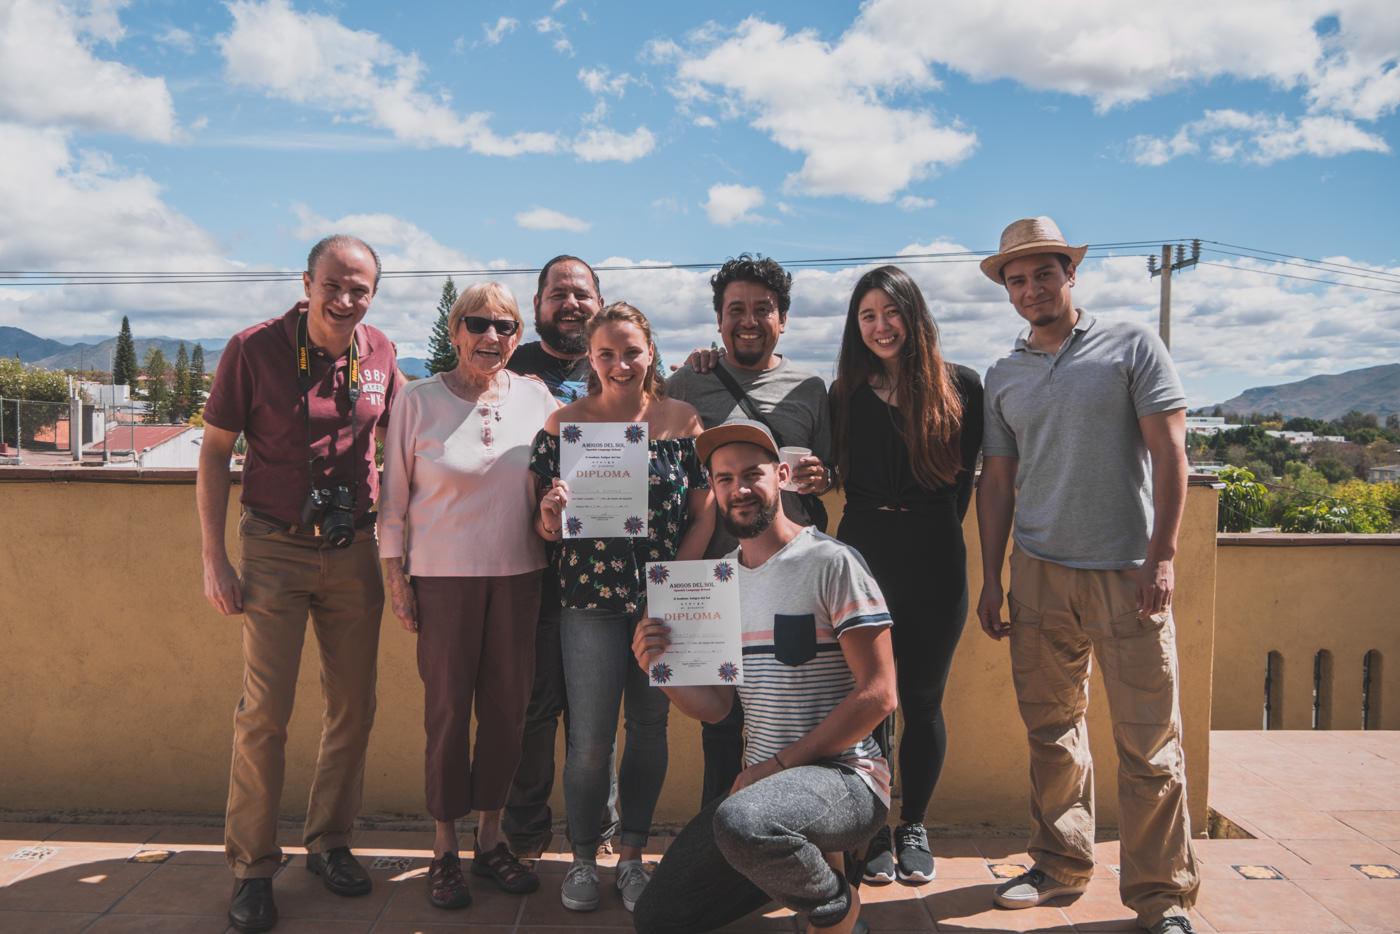 Gruppenfoto nach unseren 2 Wochen in der Spanisch Schule Amigos del Sol in Oaxaca, Mexico